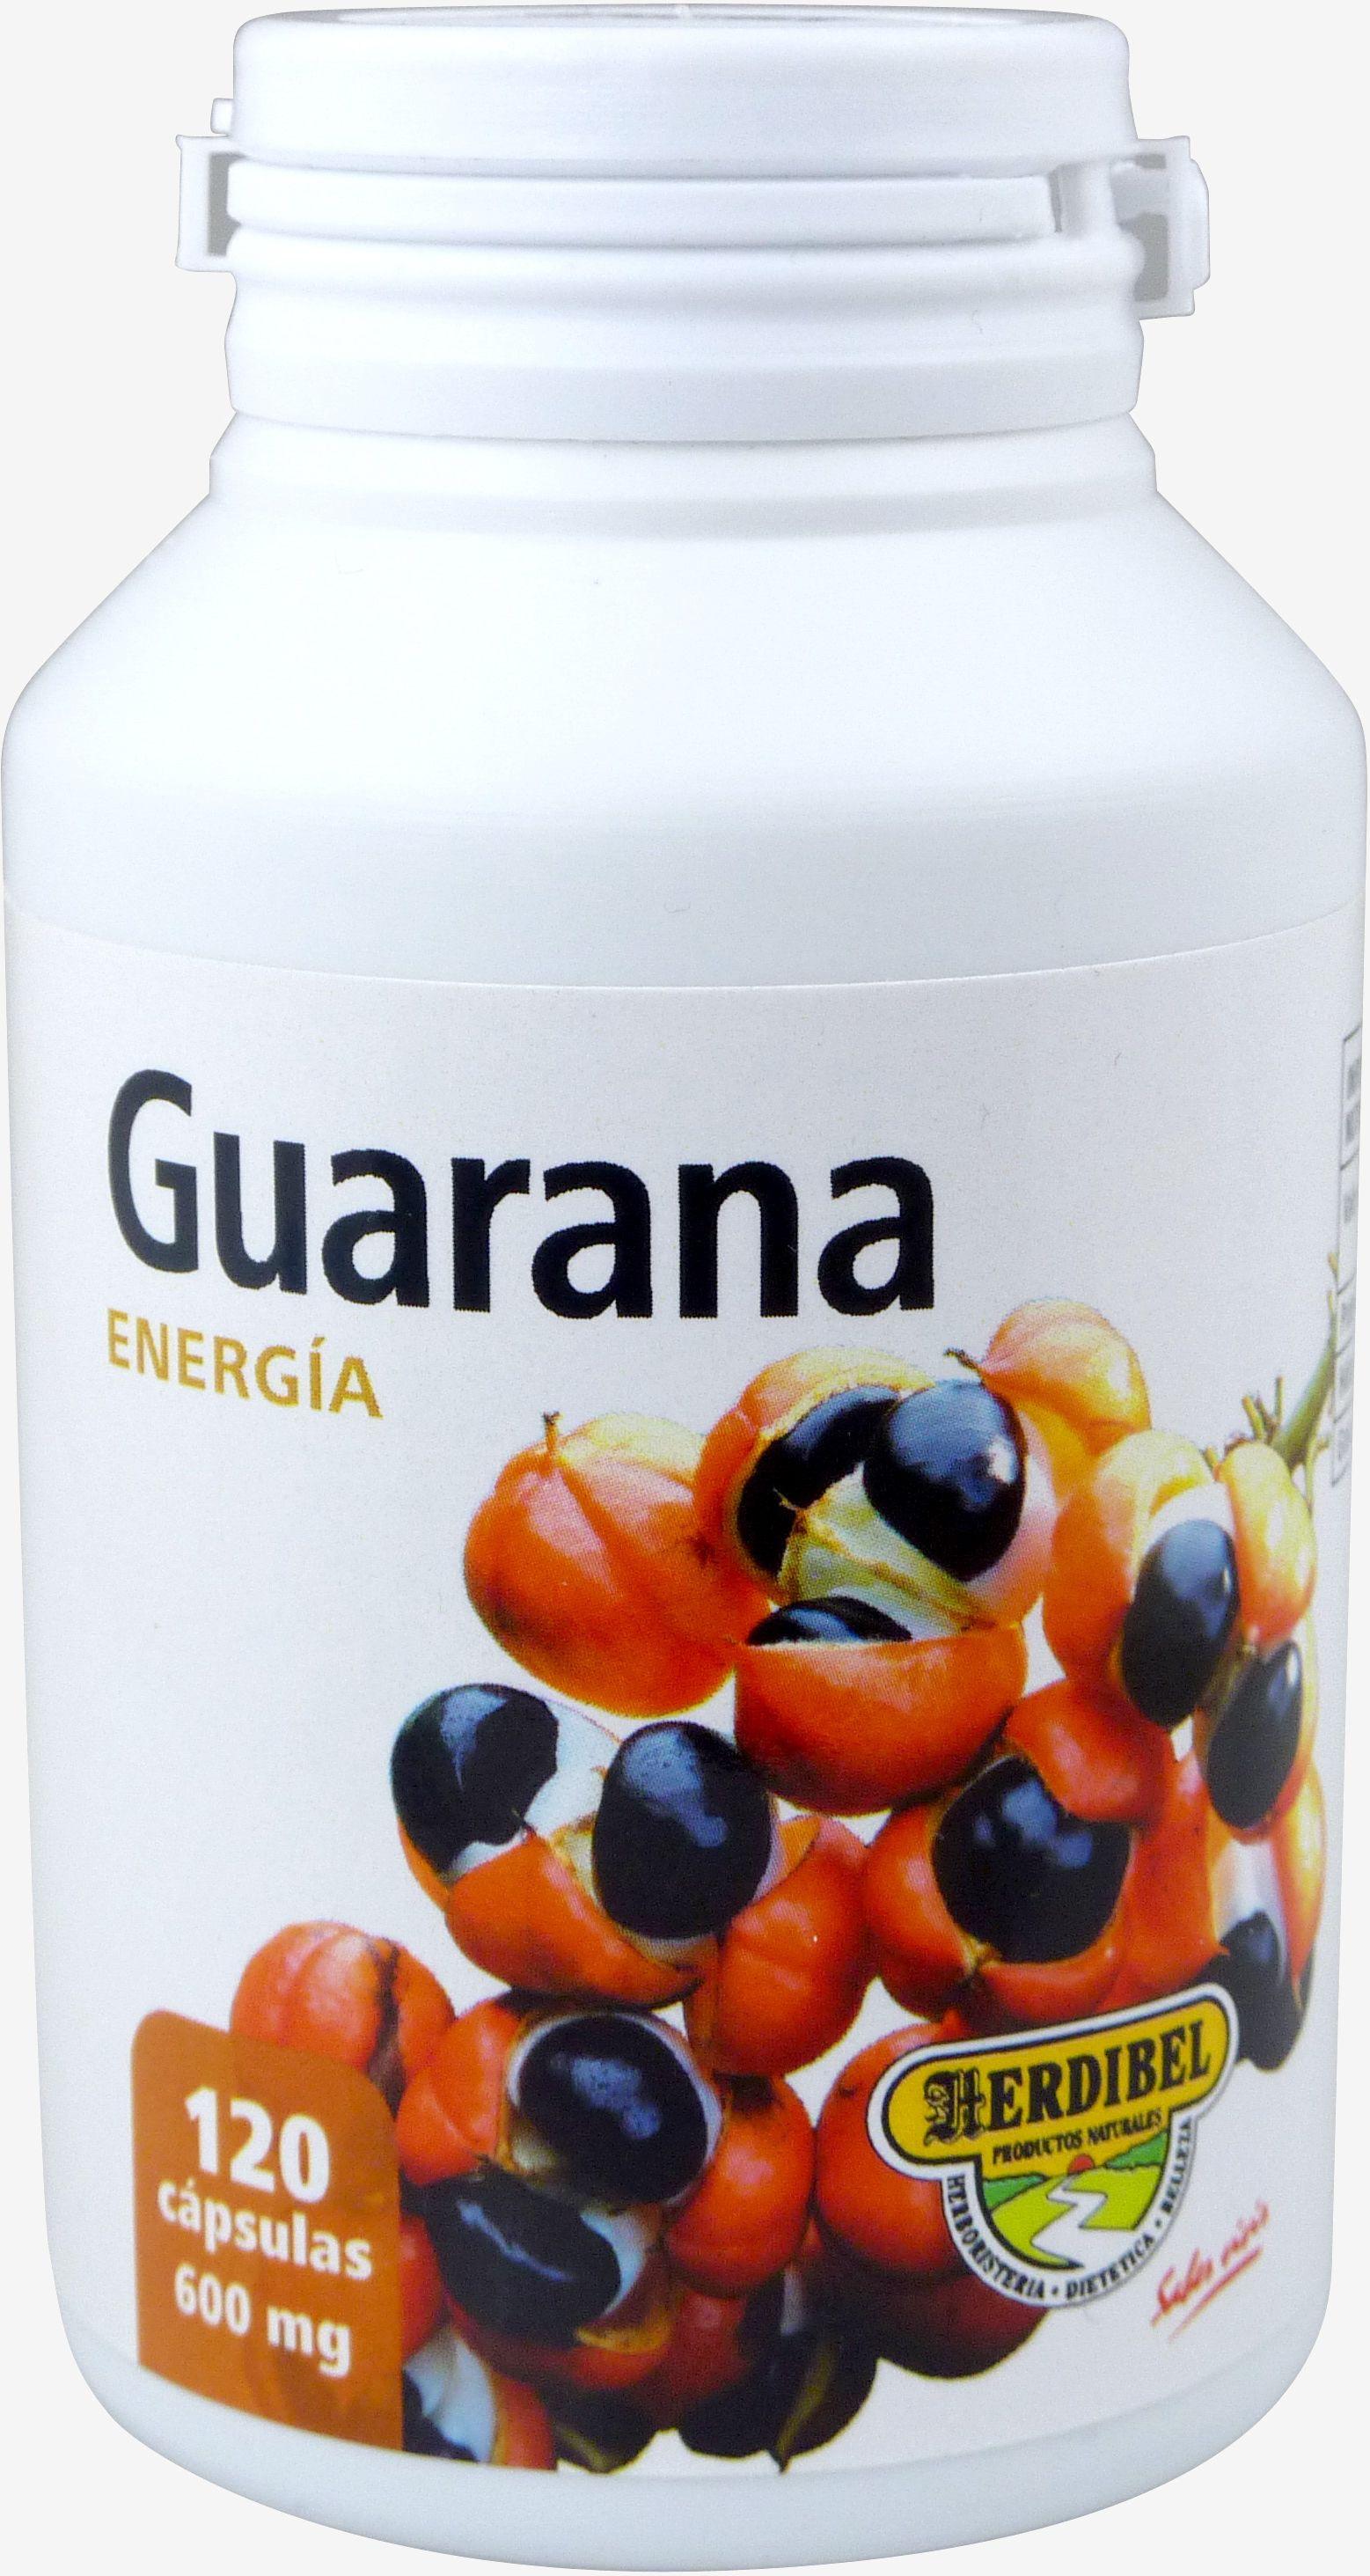 Herdibel Guarana 500 Mg 120 kaps